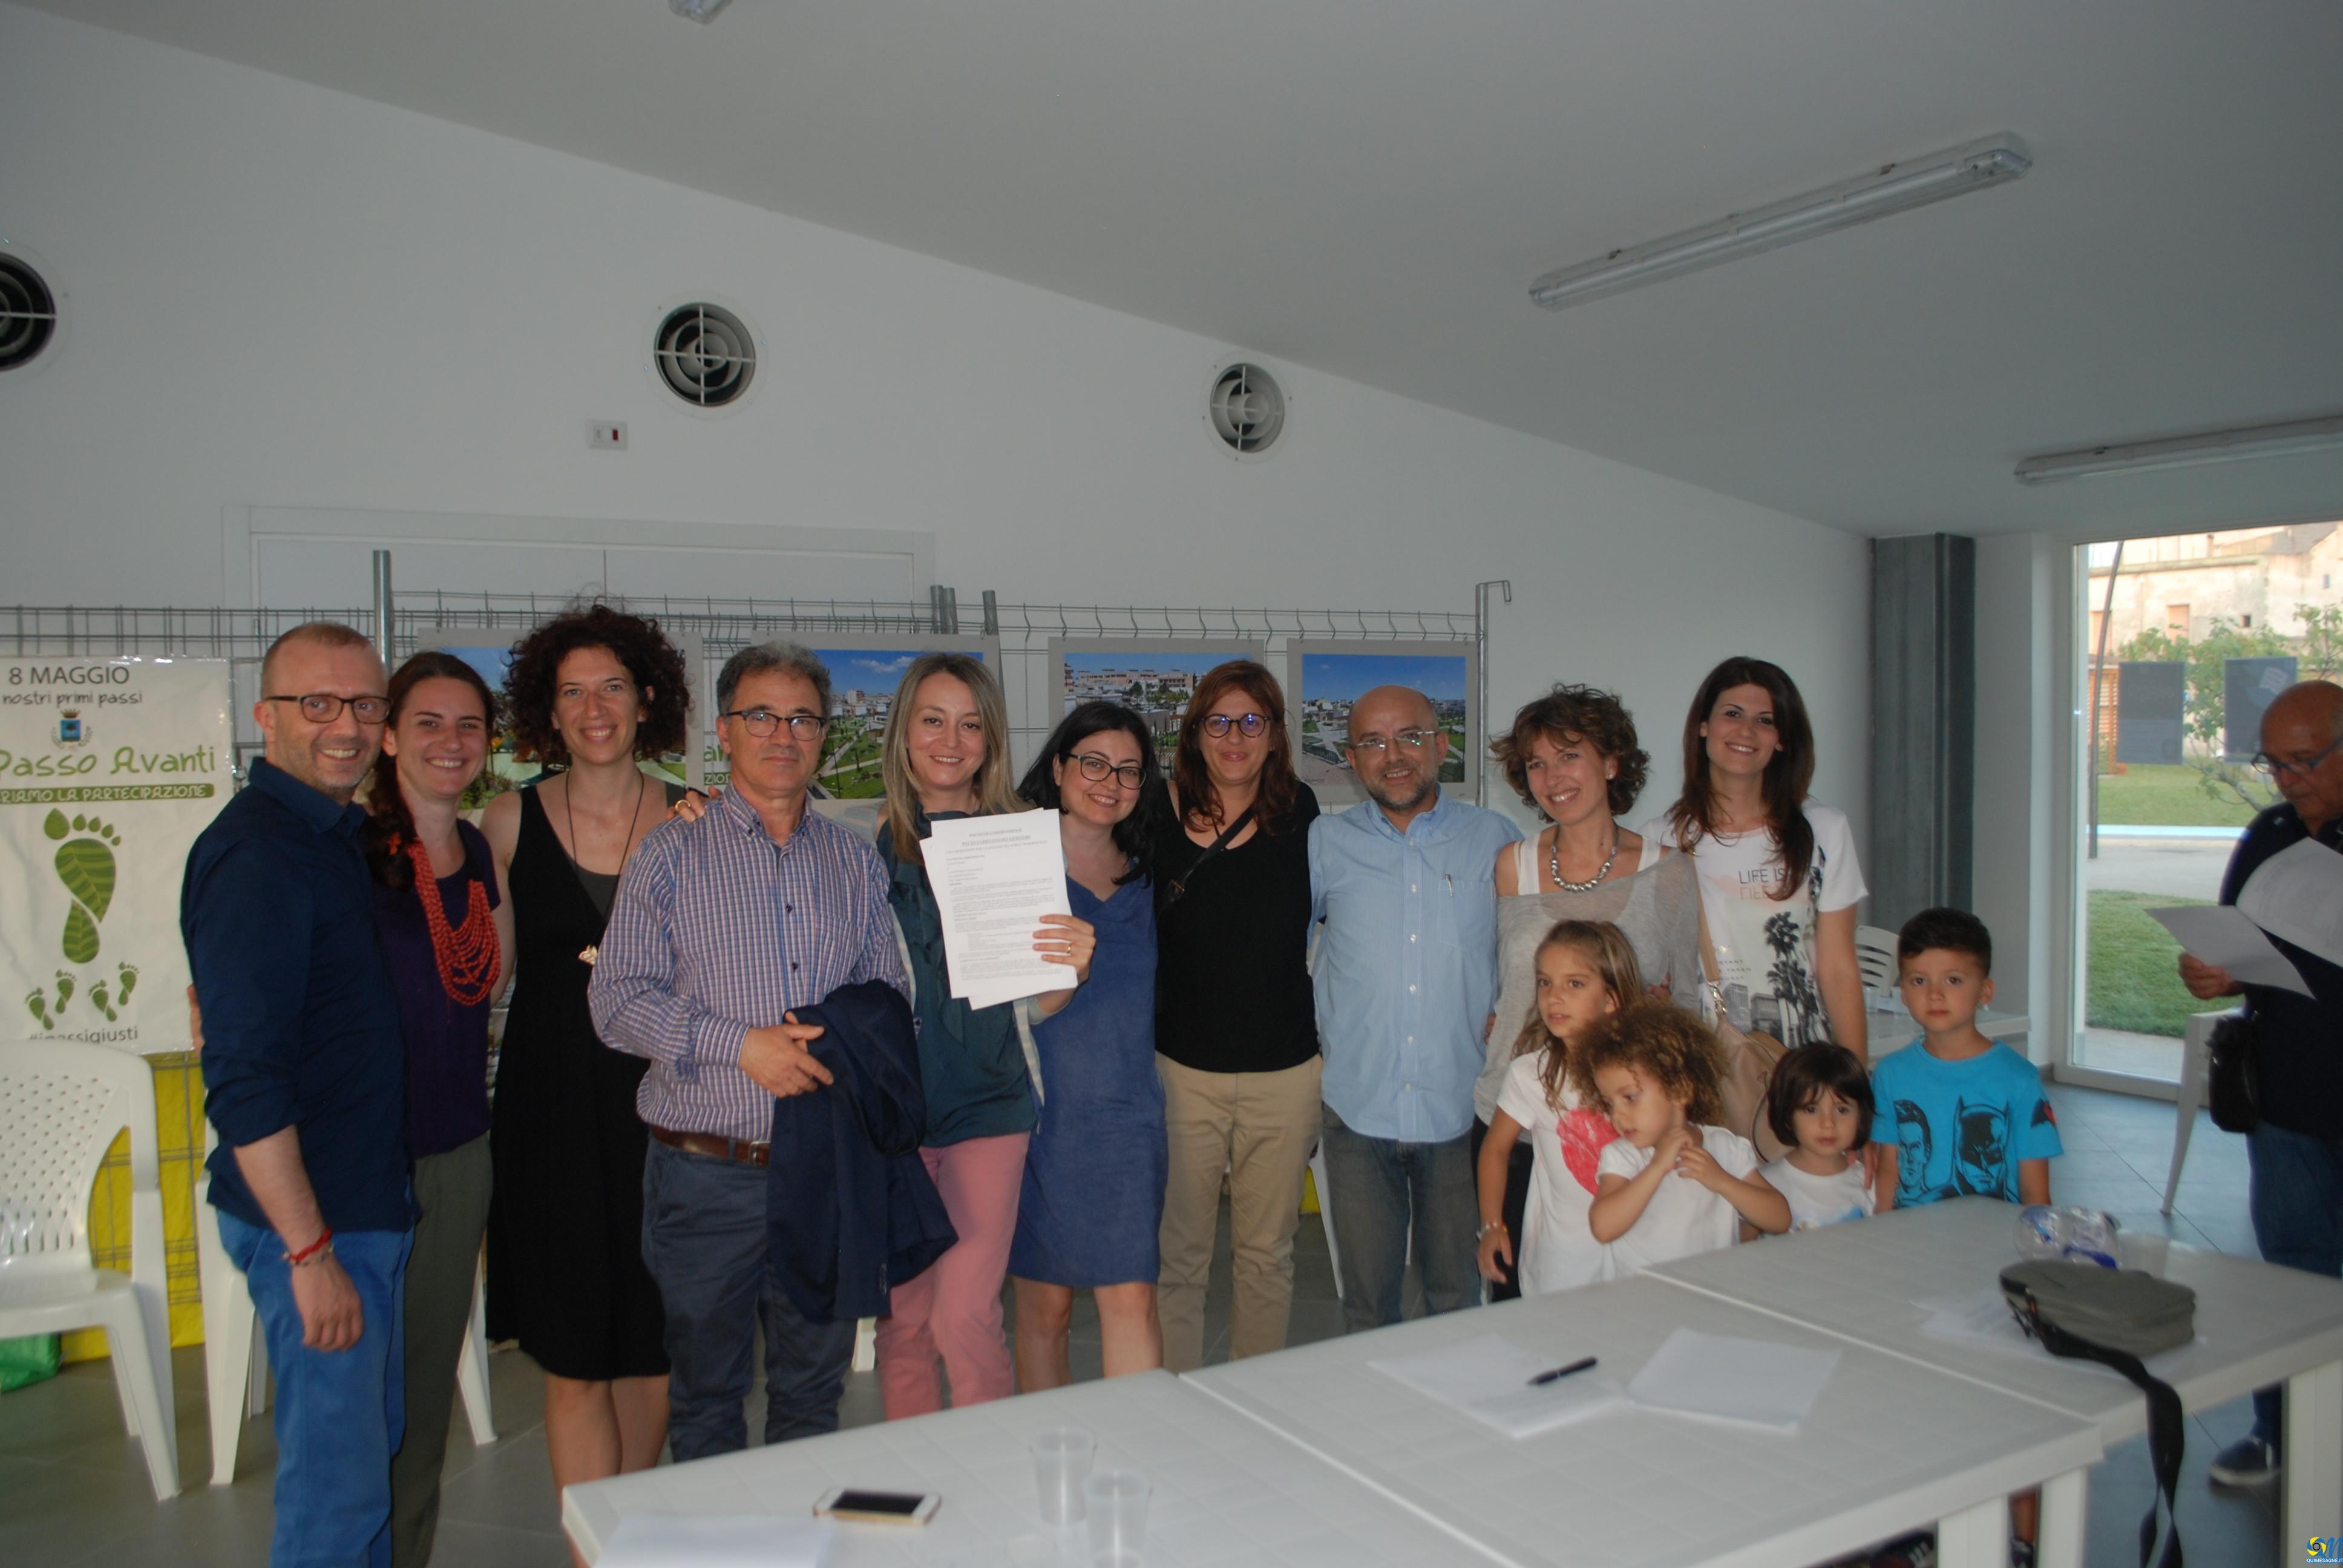 Sottoscritti i Patti di collaborazione tra Amministrazione e Cittadini